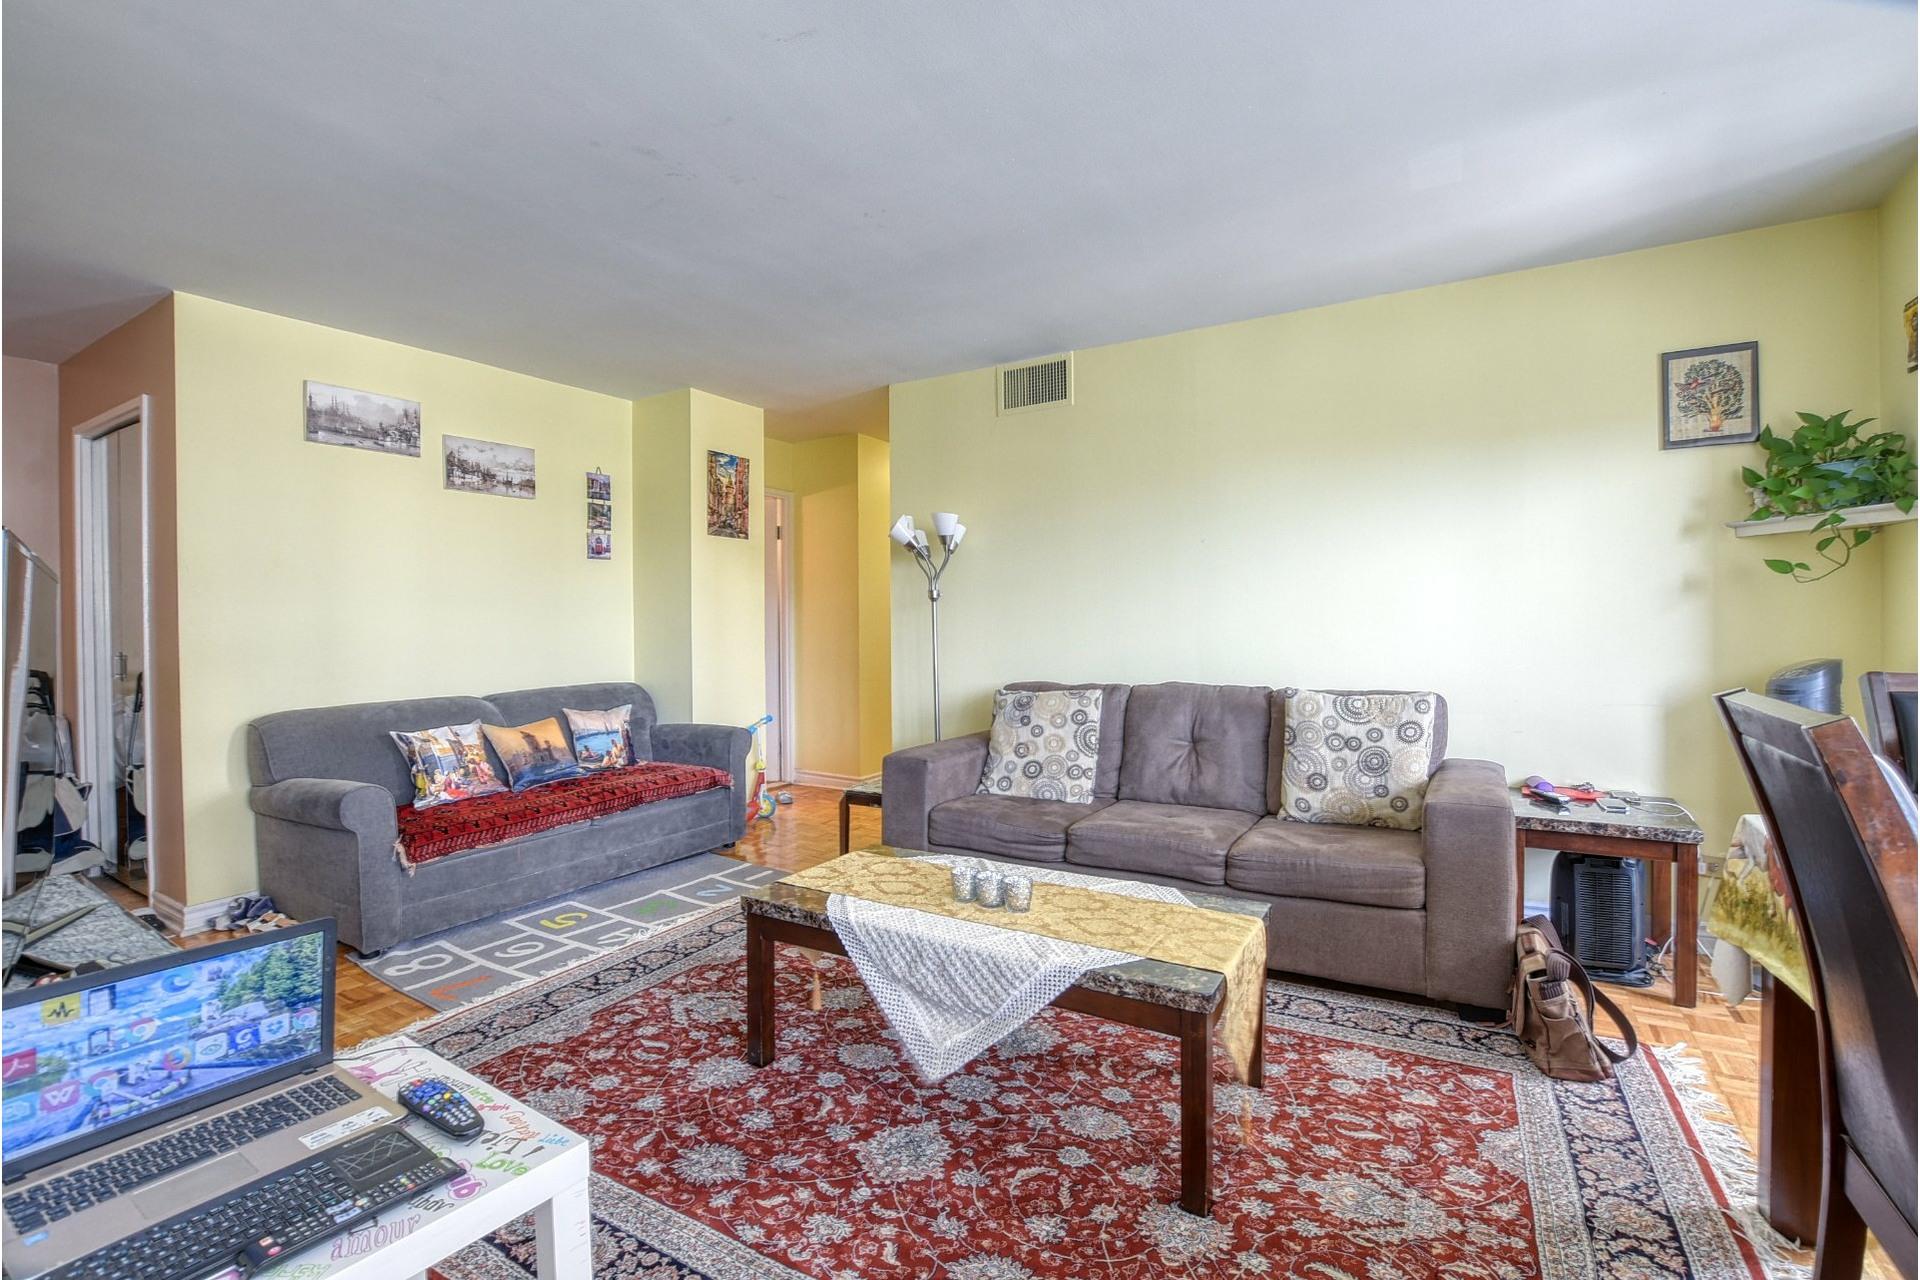 image 4 - Appartement À vendre Côte-Saint-Luc - 7 pièces